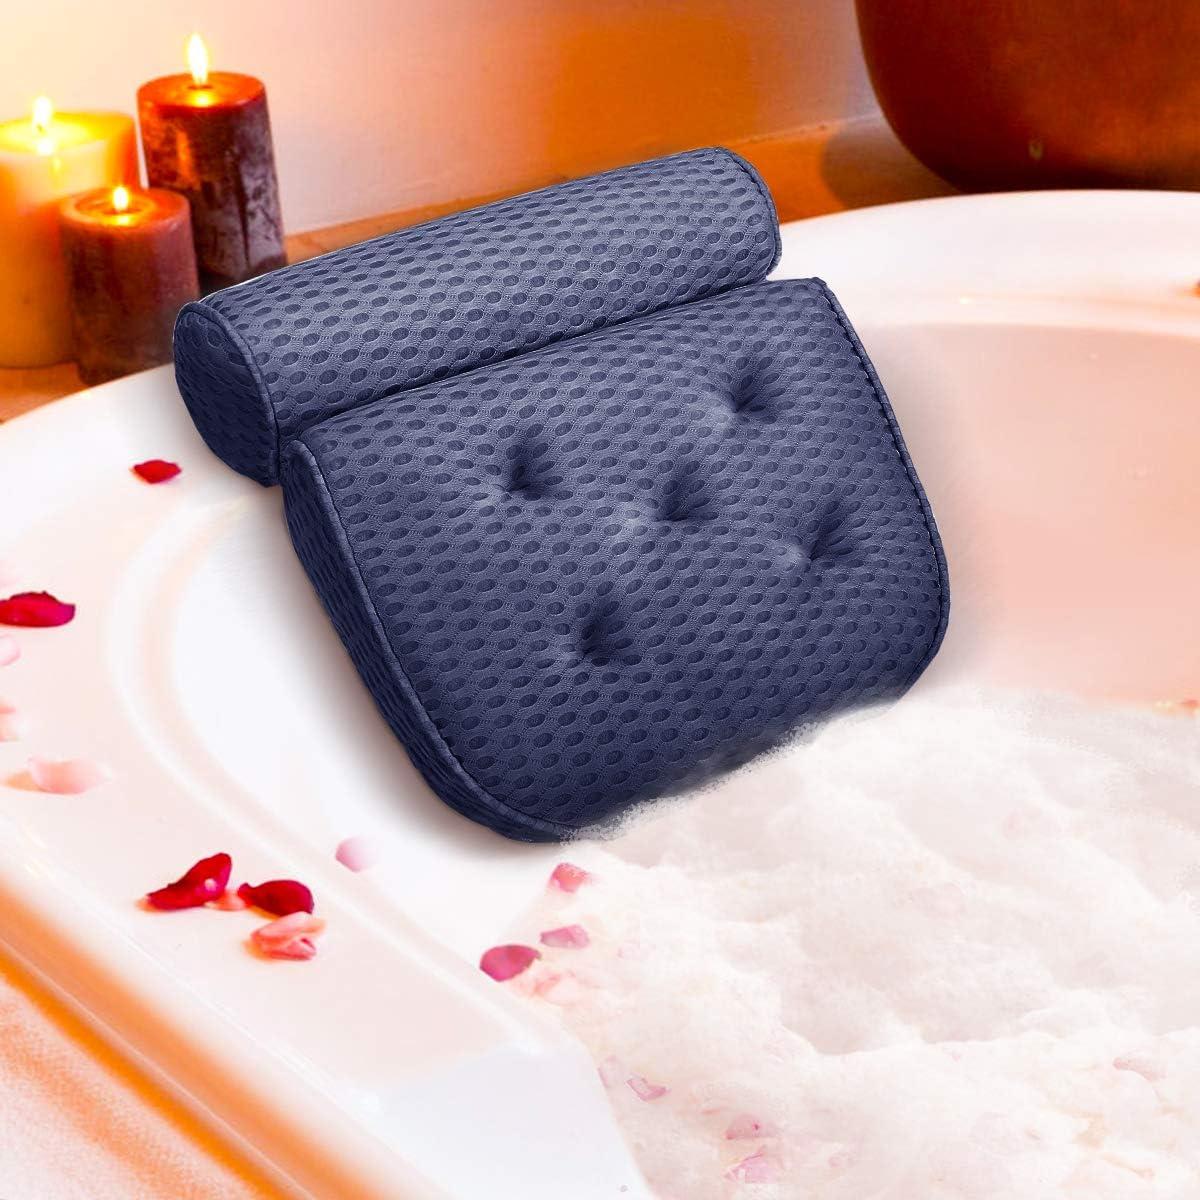 Essort Cojín de Baño de SPA 4D Almohada Bañera con 5 Ventosas Antideslizante, Bath Pillow Ergonómico para Soporte de Cuello y Hombro, para Bañera Jacuzzi y Hidromasajes, 37x38x10cm (Gris)